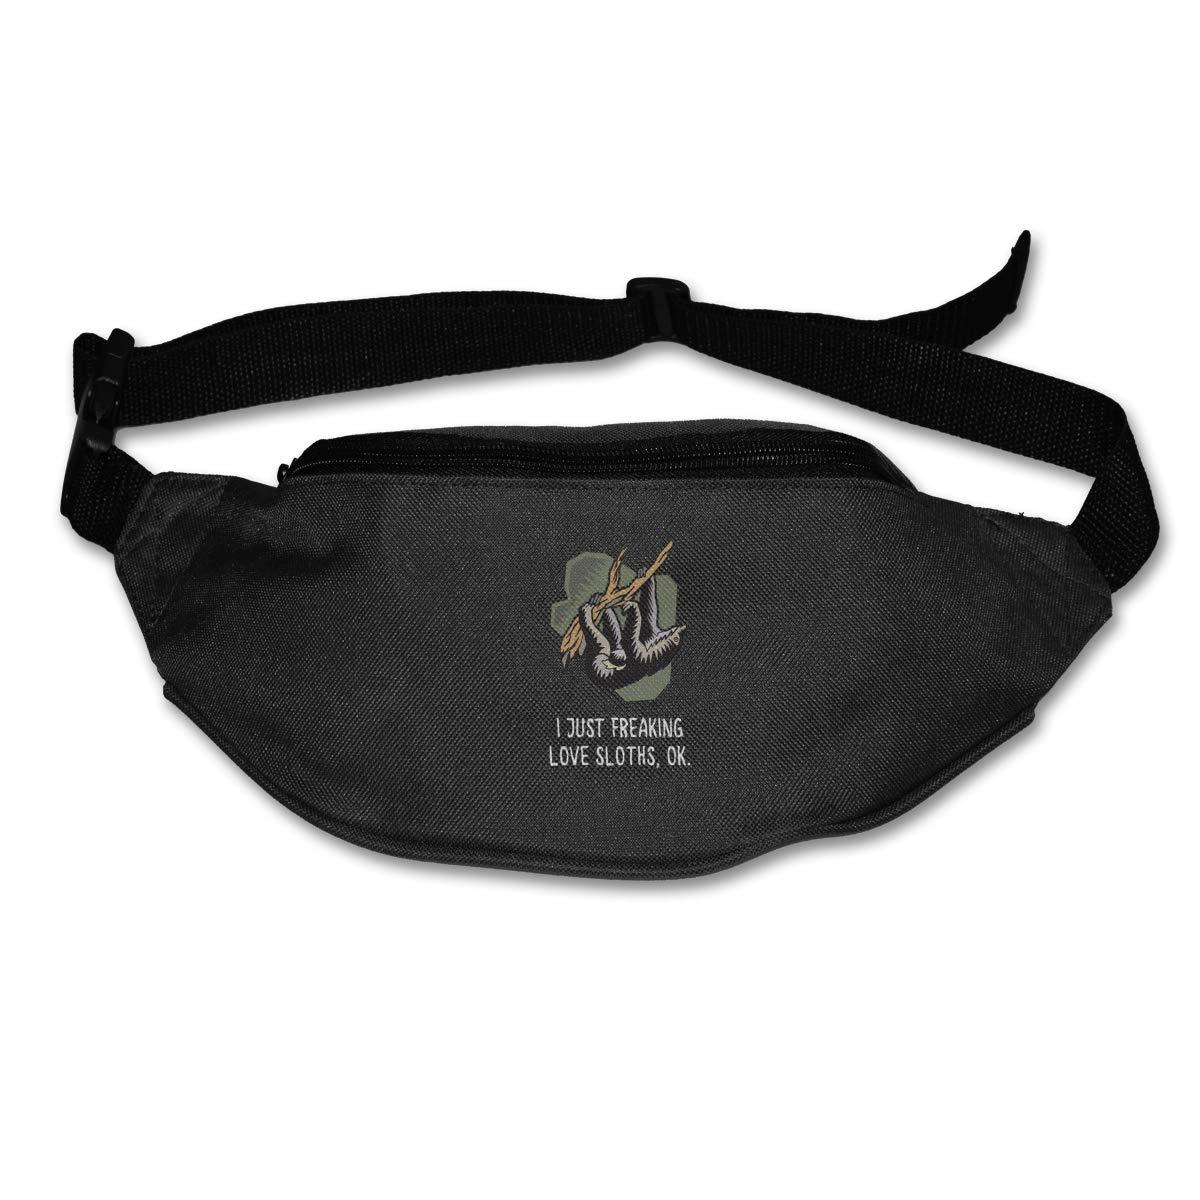 I Just Freaking Love Sloths Ok Sport Waist Bag Fanny Pack Adjustable For Hike